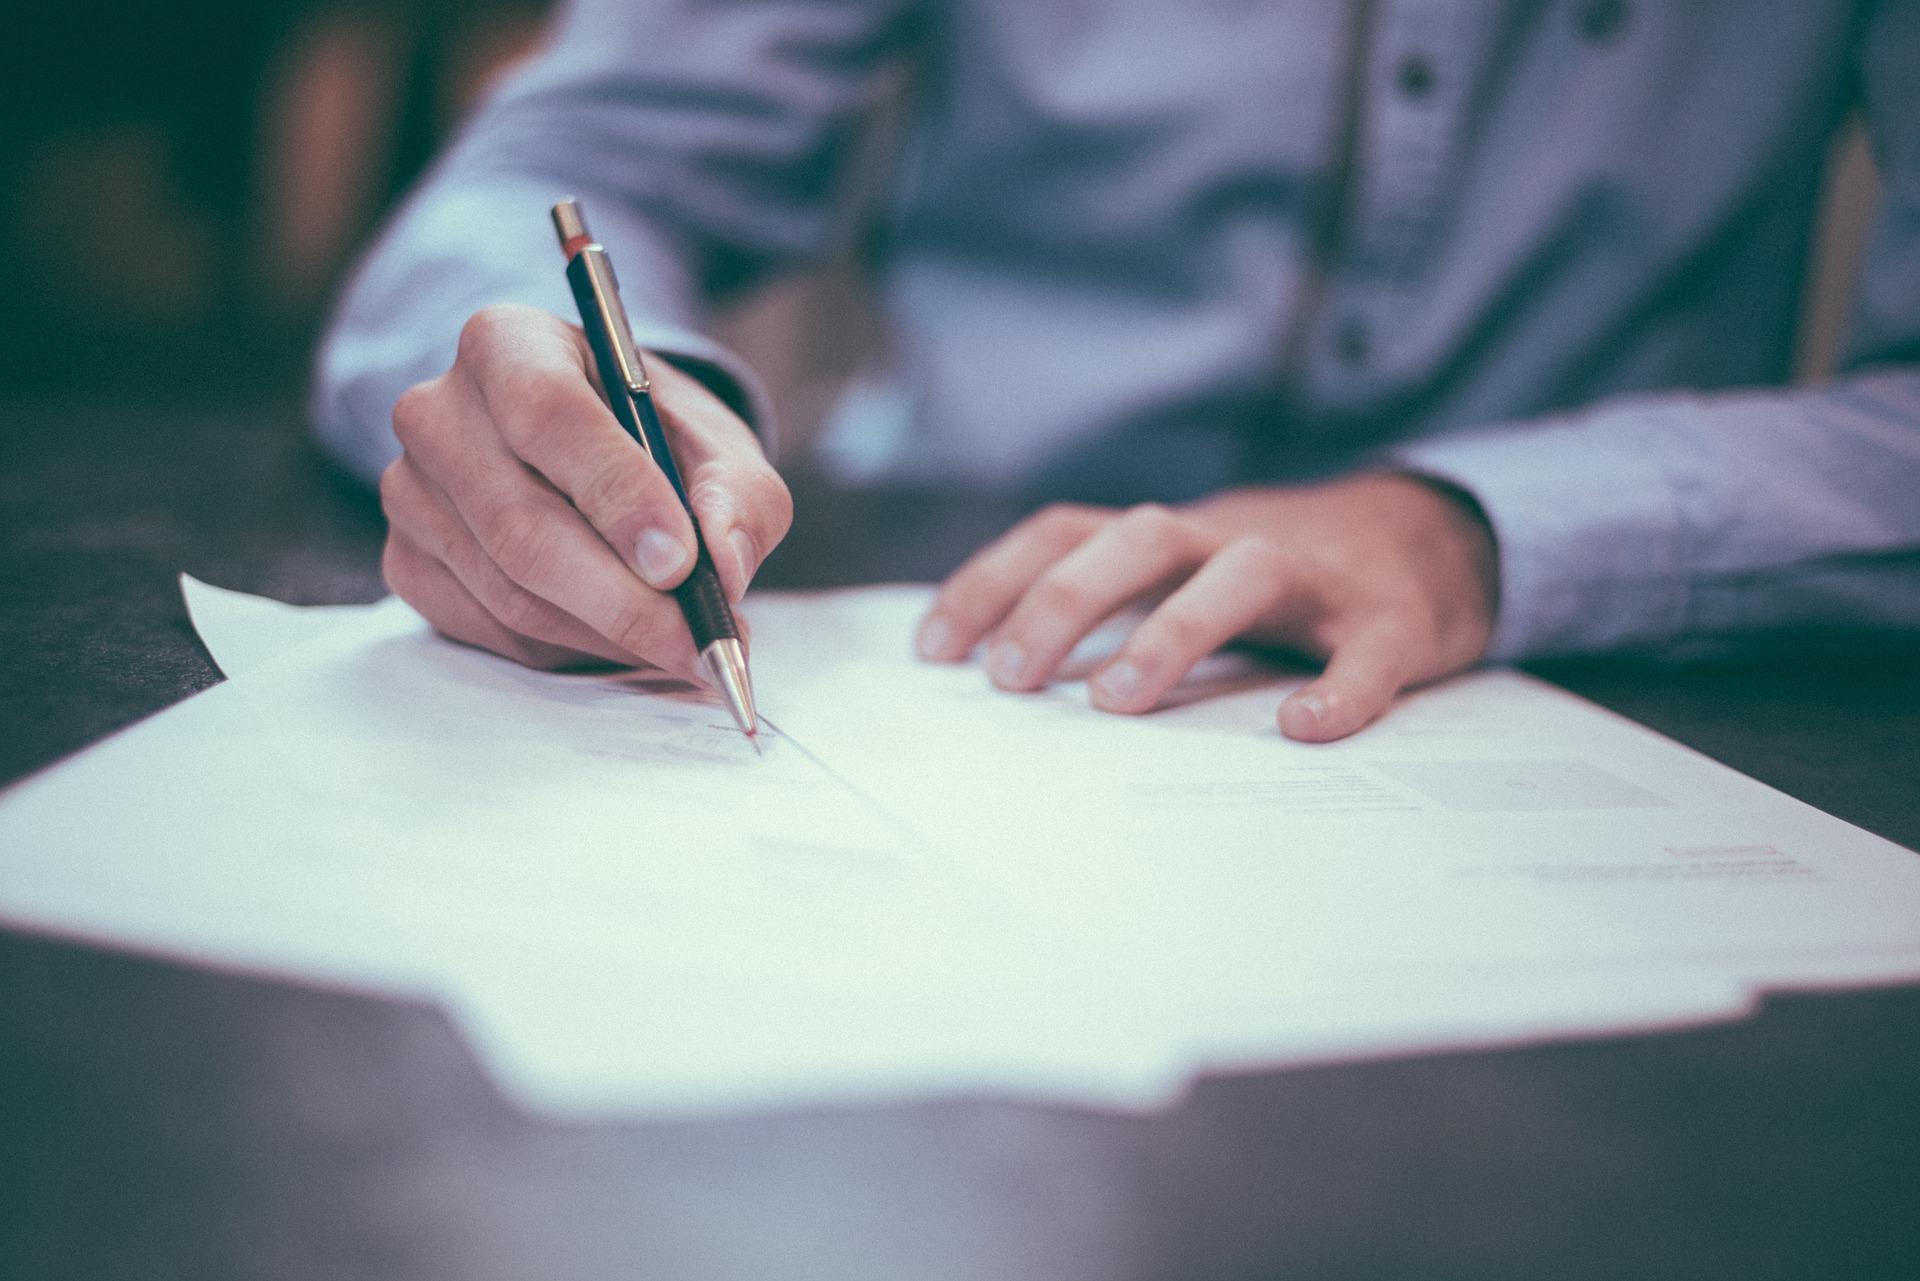 En person skriver på ett papper